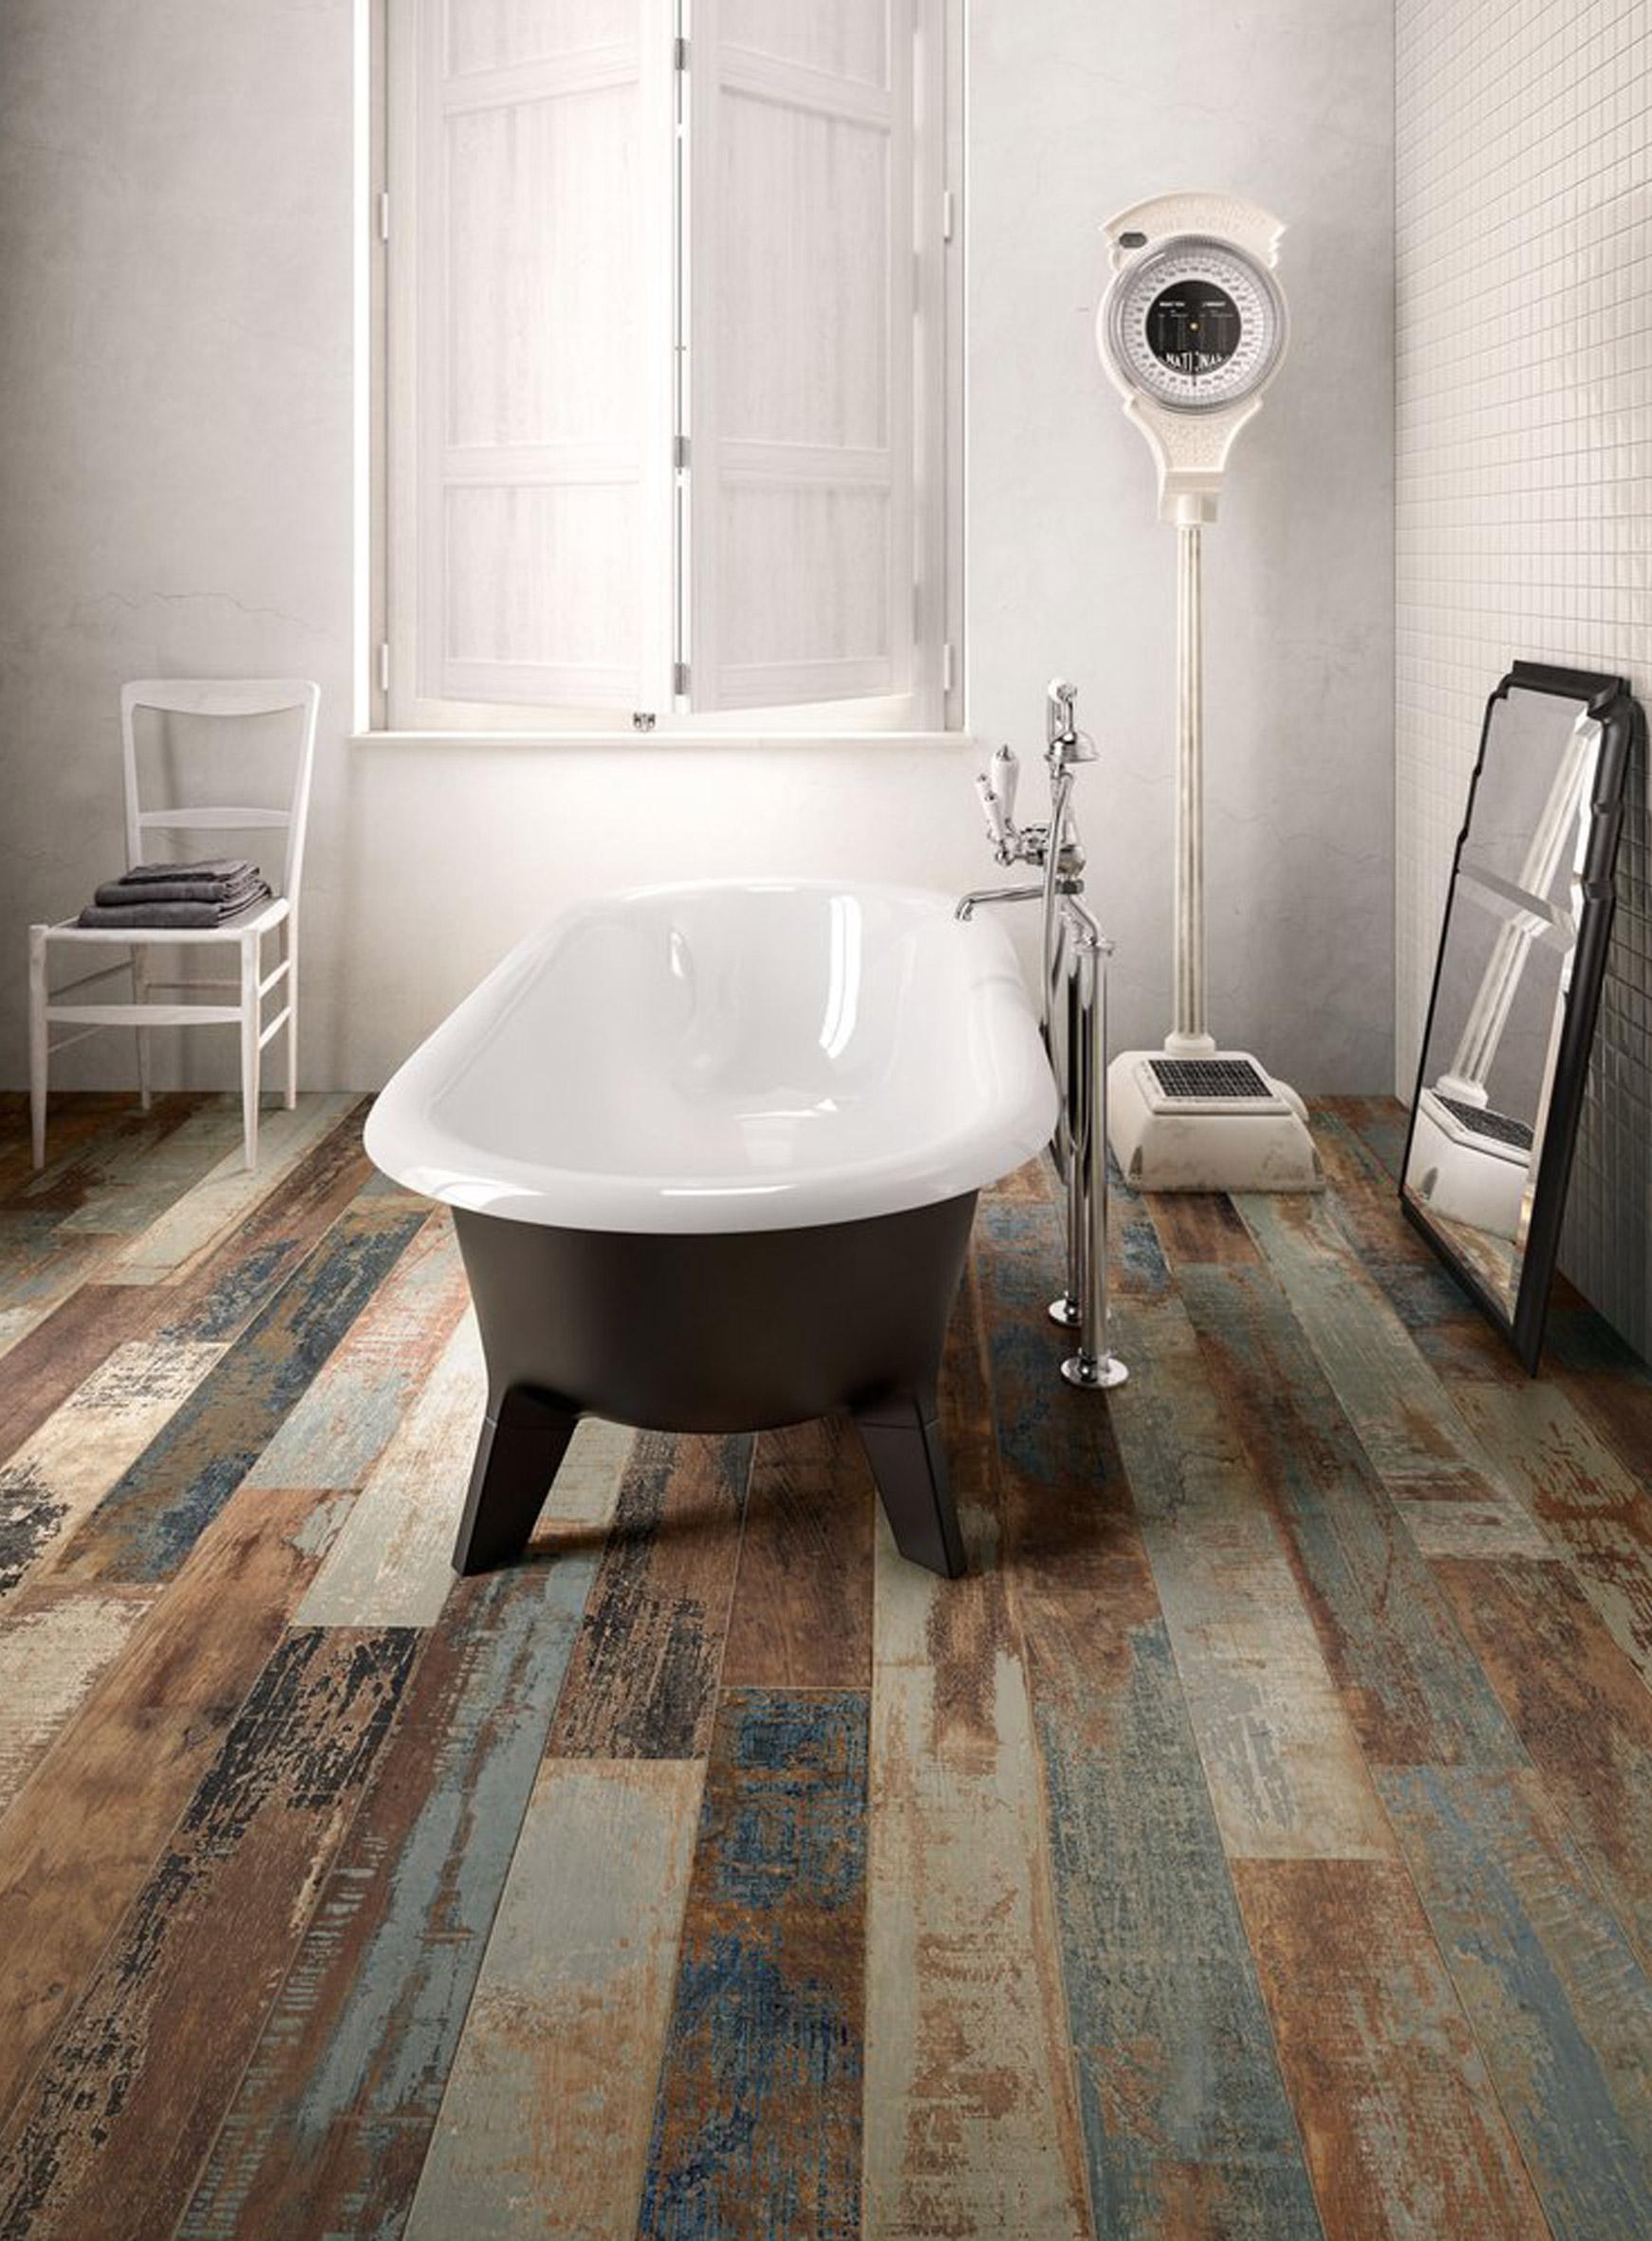 5 1 idee bagno originali per ristrutturare il bagno for Idee per il bagno